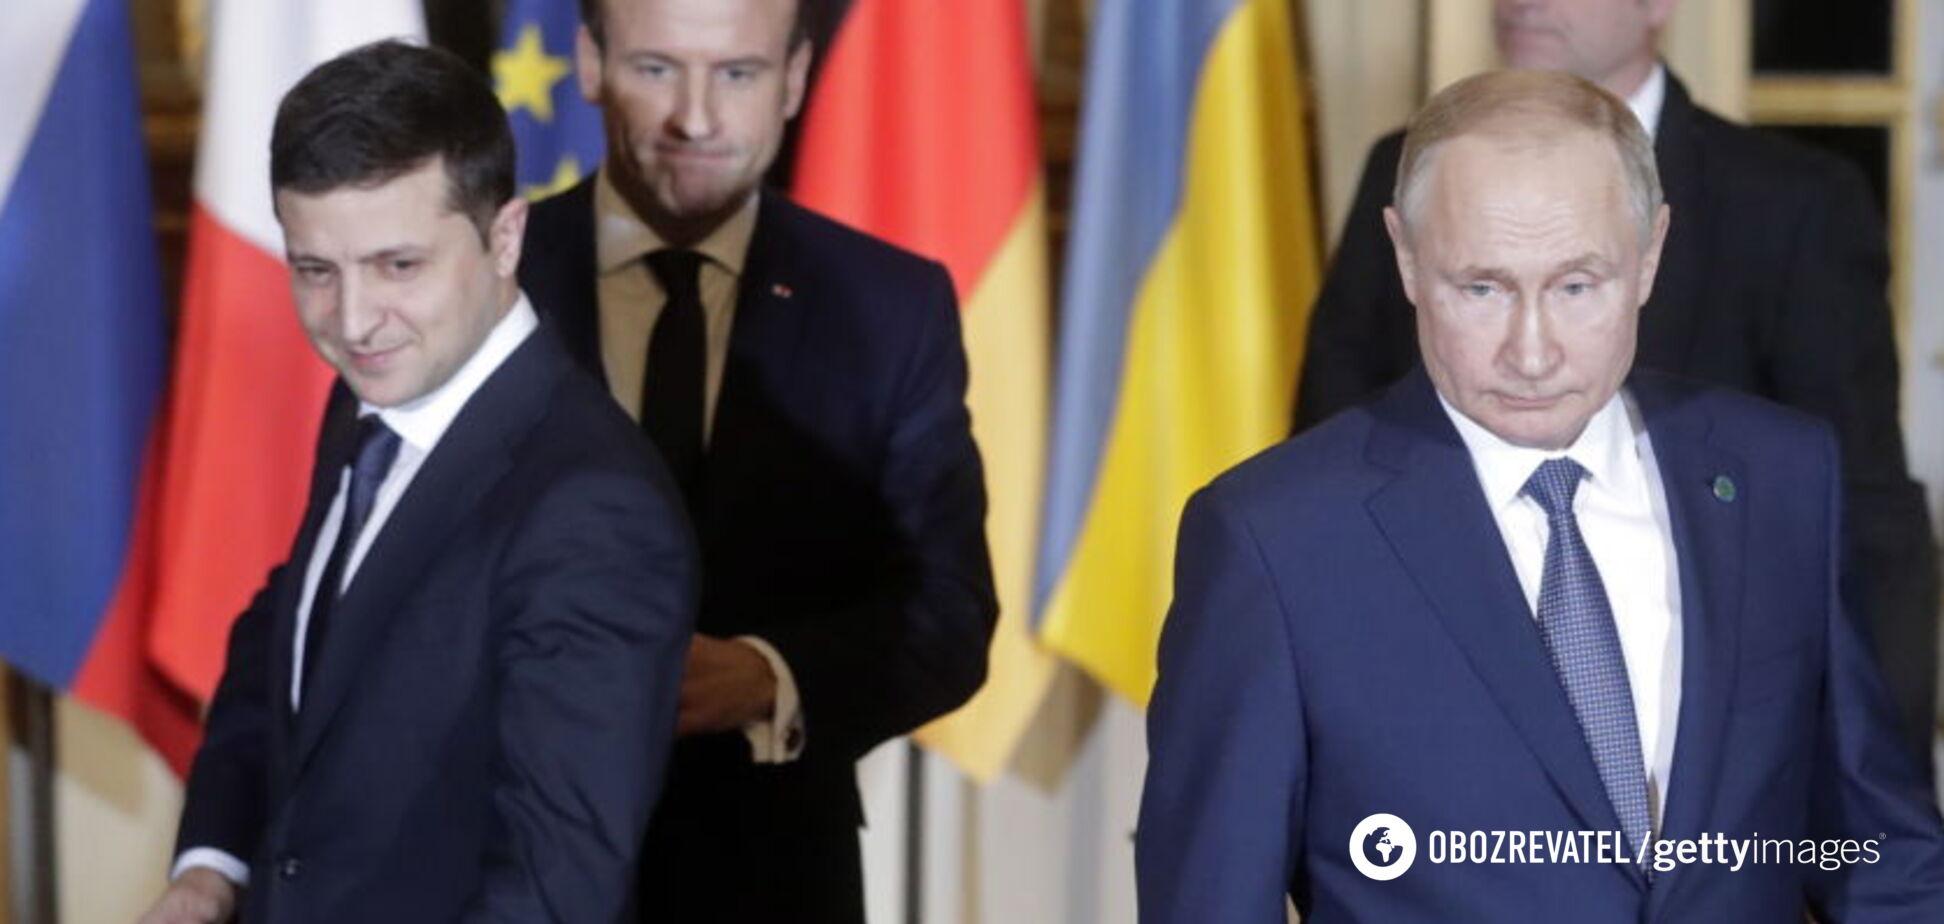 Зеленський 'зробив' Путіна в Парижі, 'дідусь скулився', ноги танцювали – Кошовий